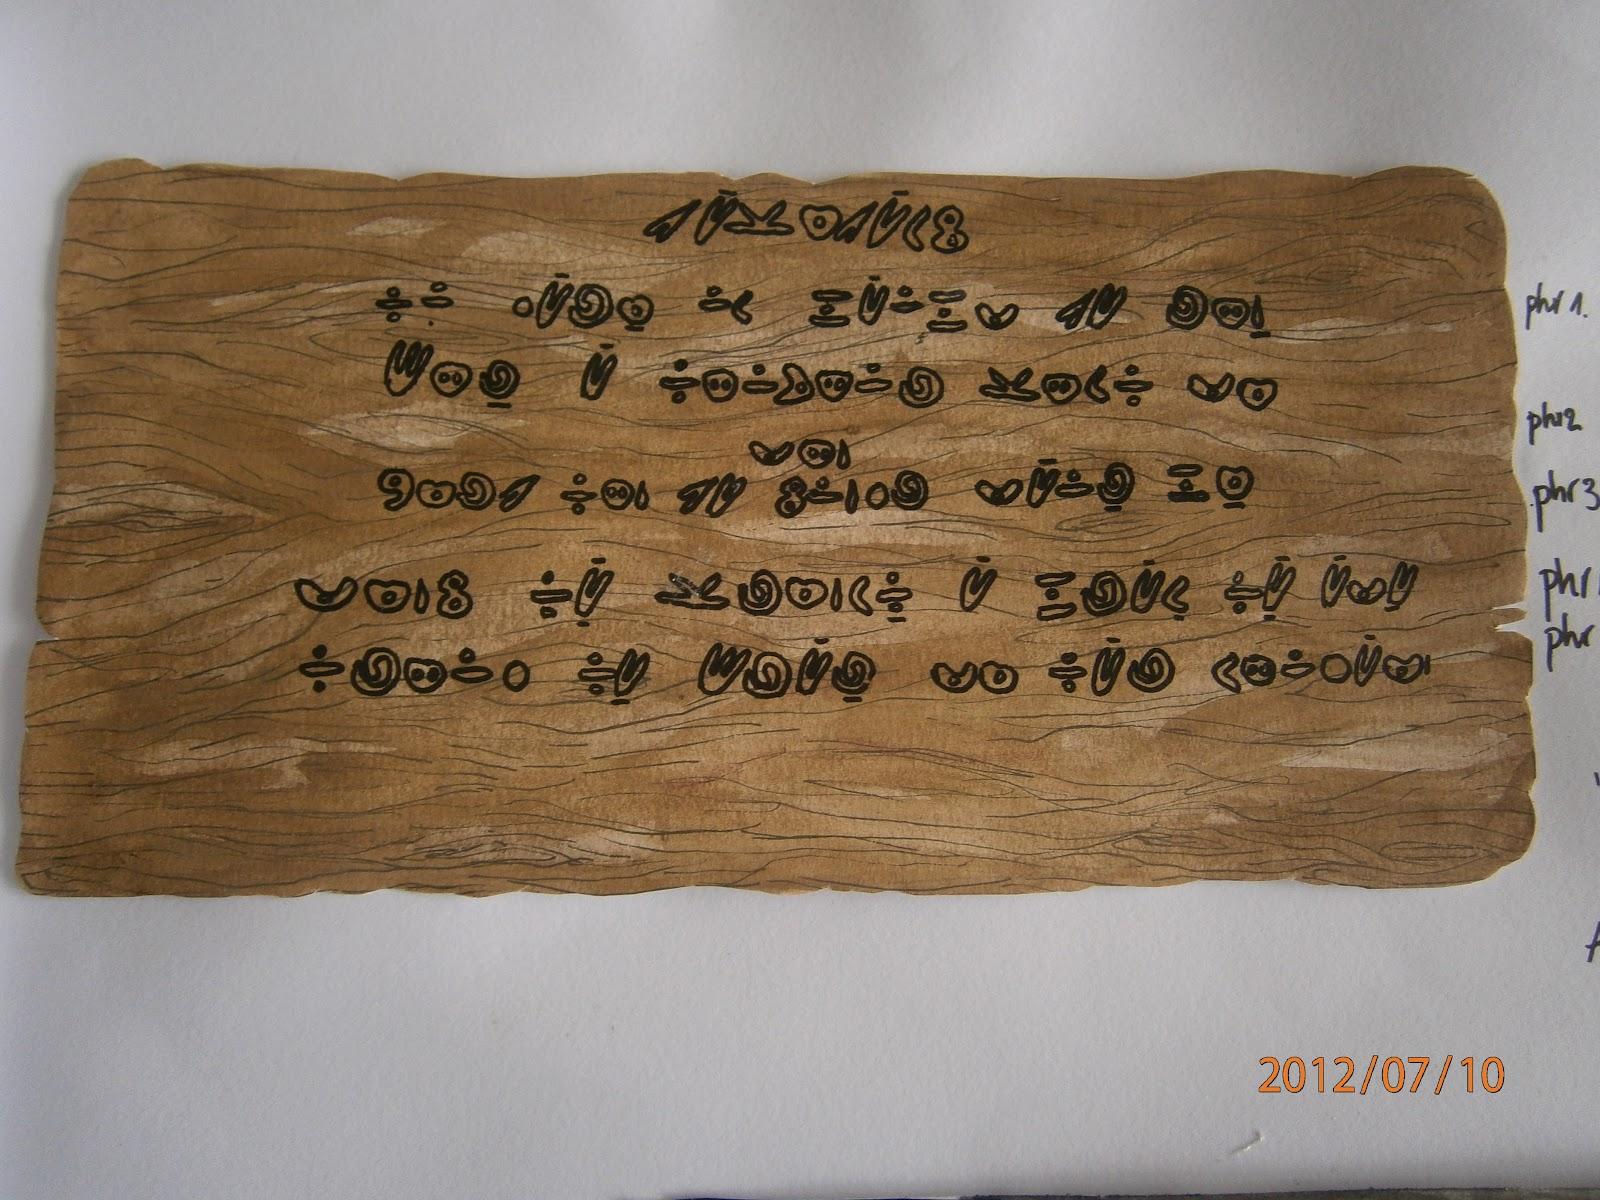 papier peint motif planche bois taupe clair LUTECE PP  - Papier Peint Motif Planche Bois